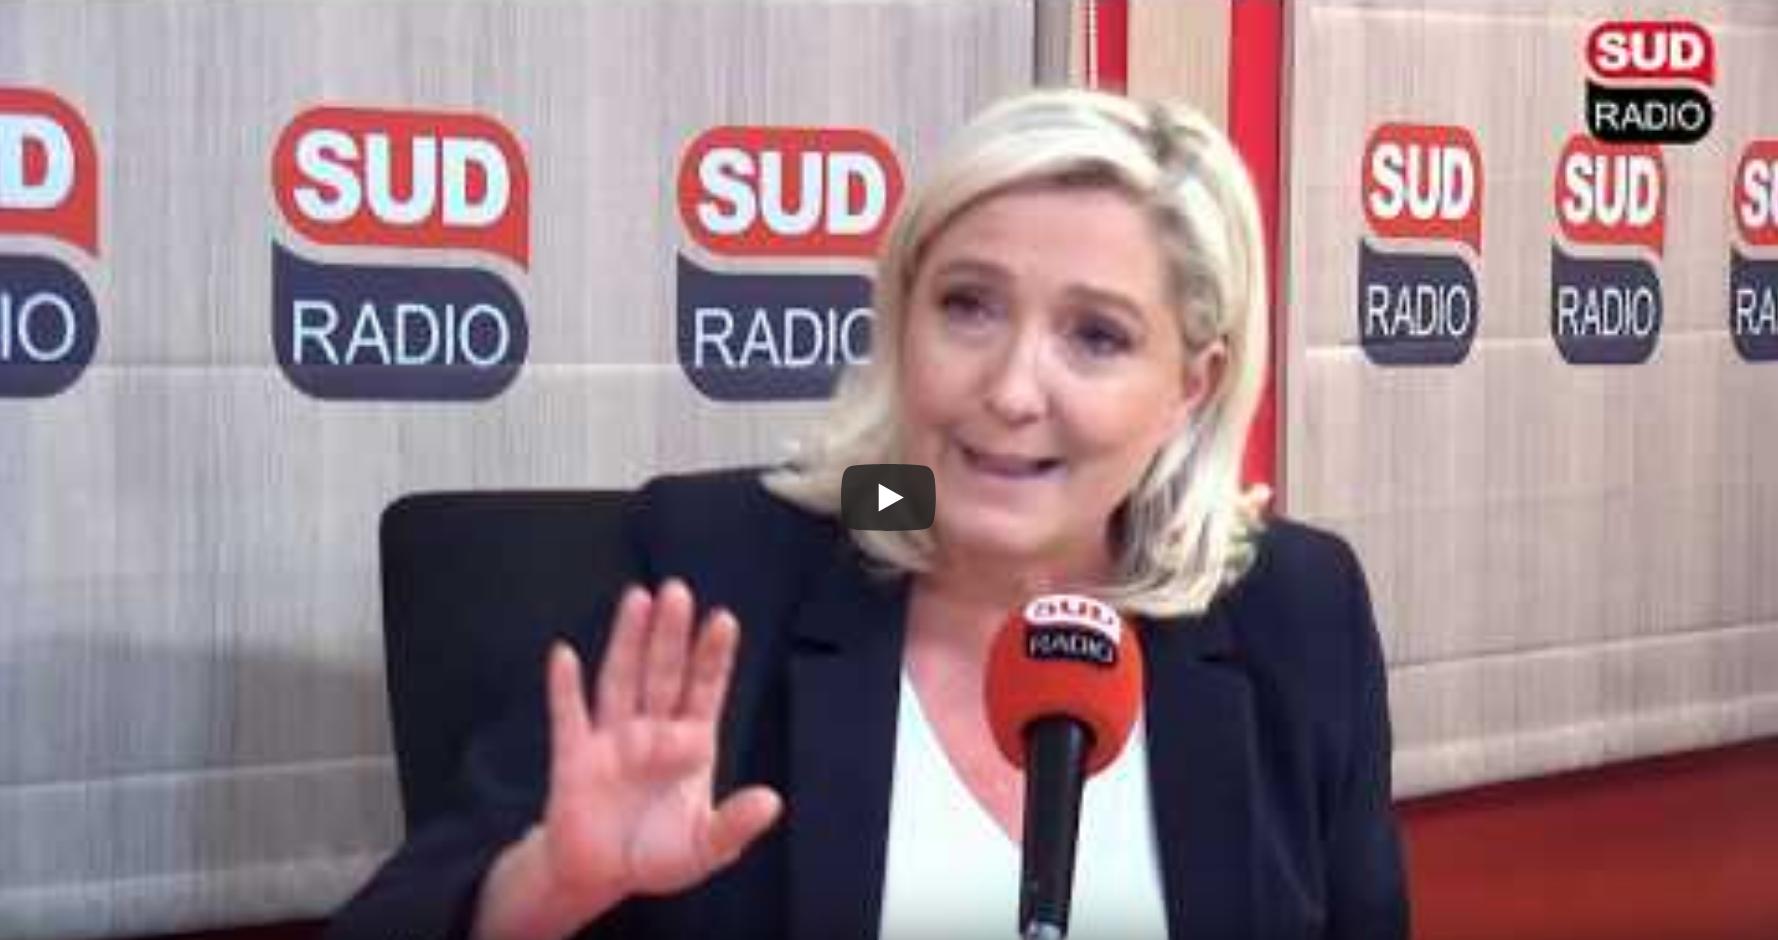 Les réserves de voix du RN sont à droite, la réélection de Stéphane Ravier aux sénatoriales le montre